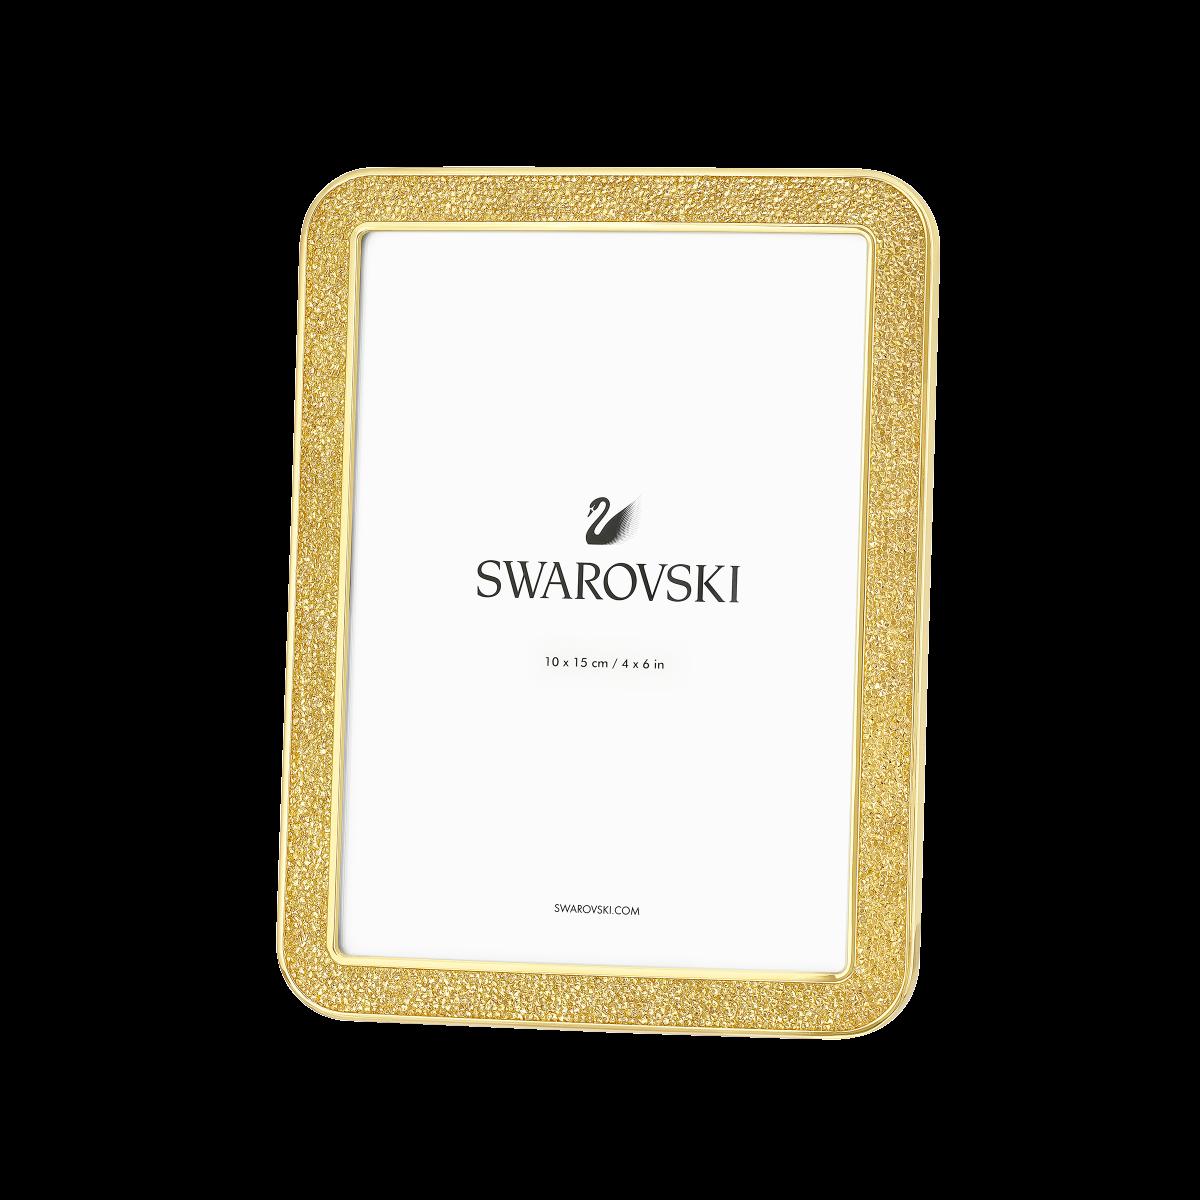 SWAROVSKI MINERA PICTURE FRAME SMALL GOLD TONE